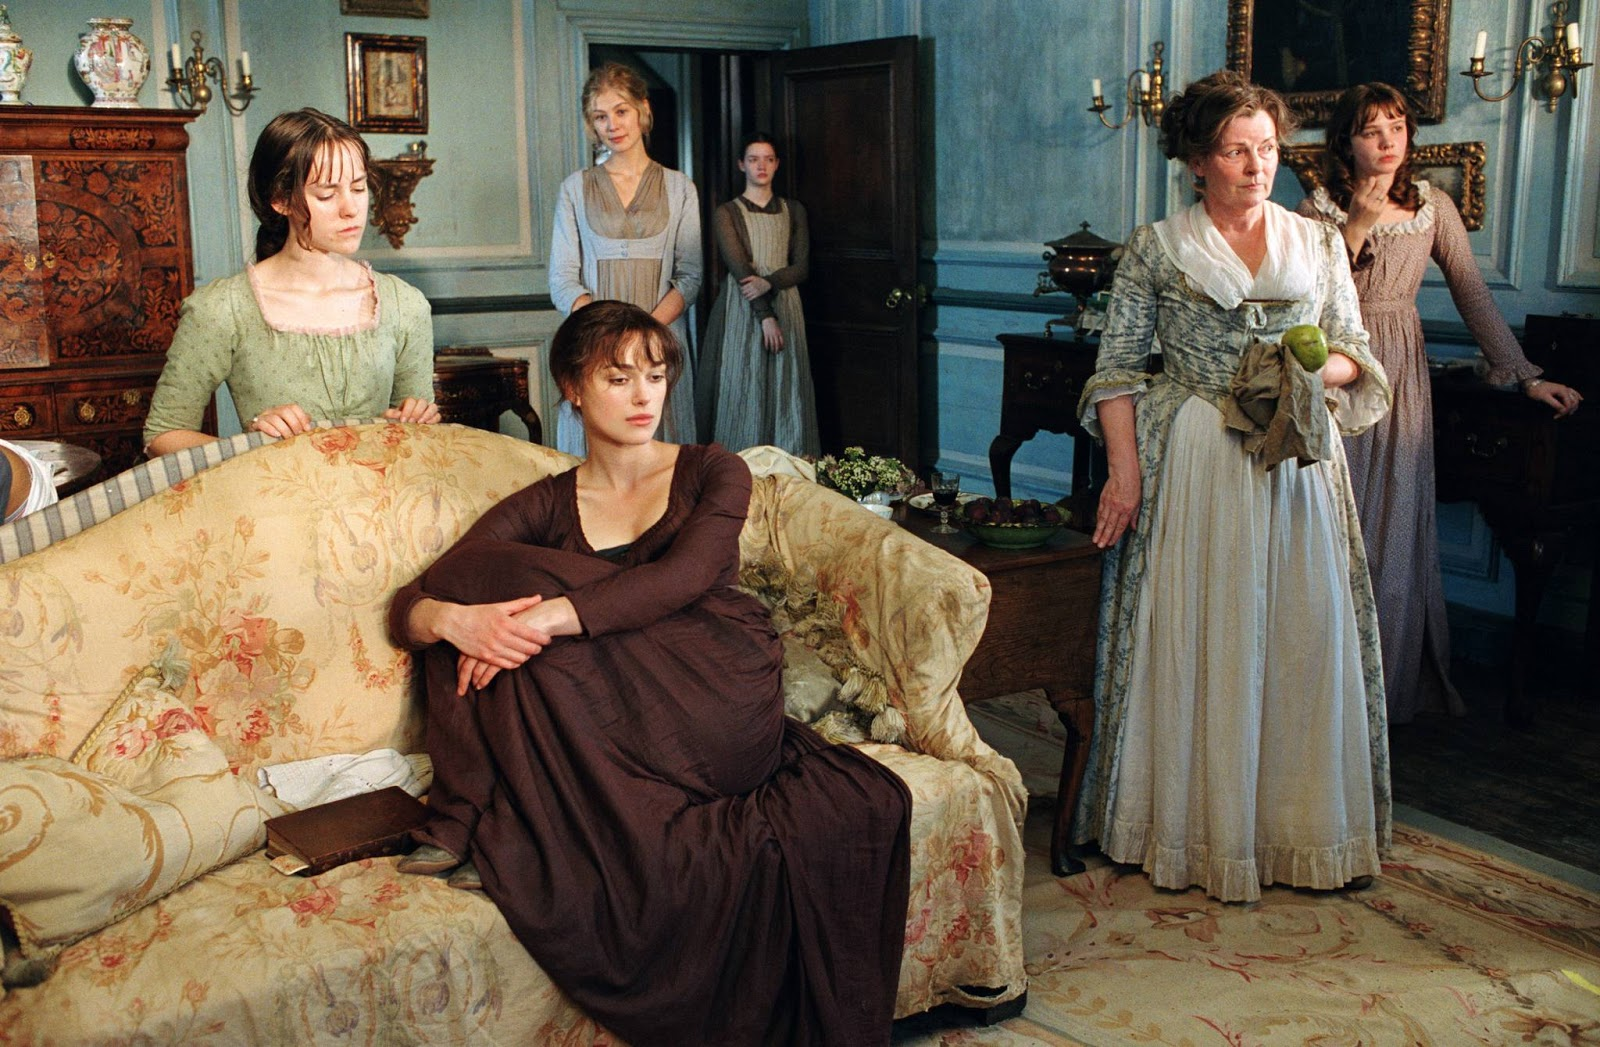 Na foto vemos cinco mulheres numa sala, com a protagonista, Elizabeth Bennet, na frente